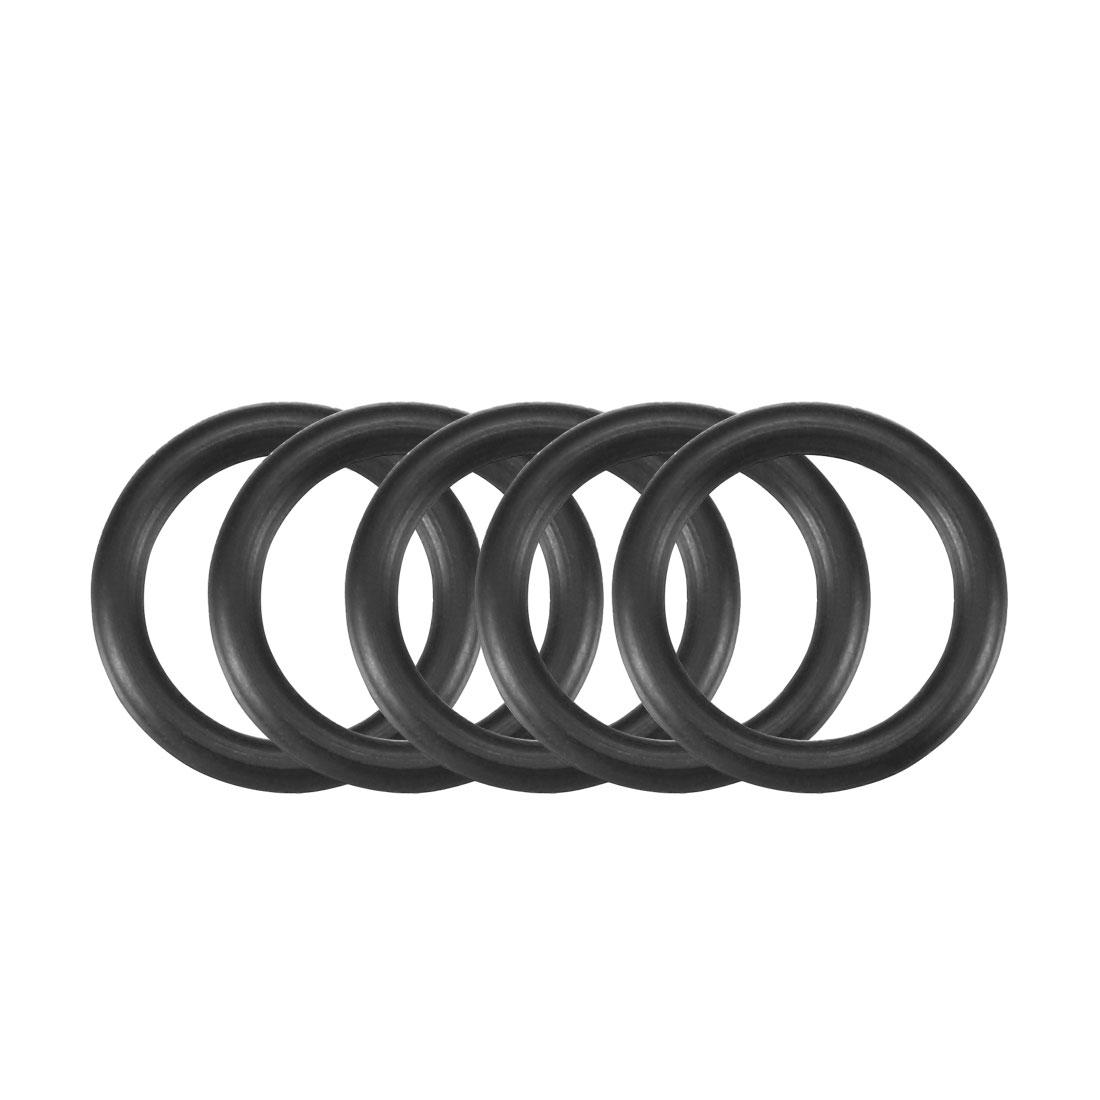 30pcs Black Nitrile Butadiene Rubber NBR O-Ring 9.8mm Inner Dia 1.9mm Width